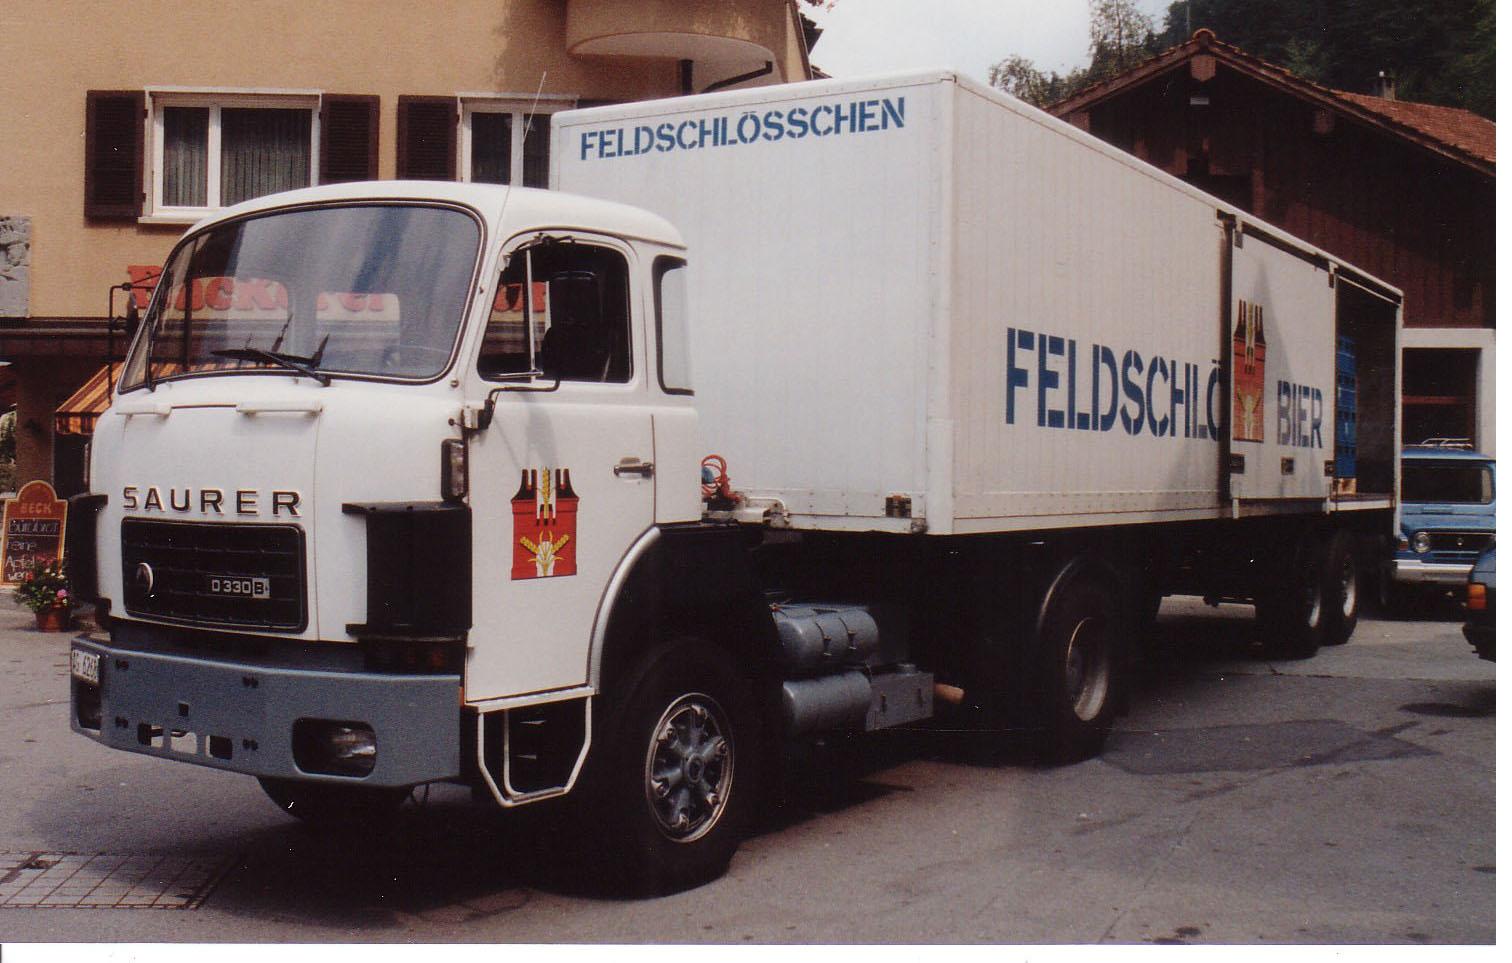 Feldschlösschen_F4x2